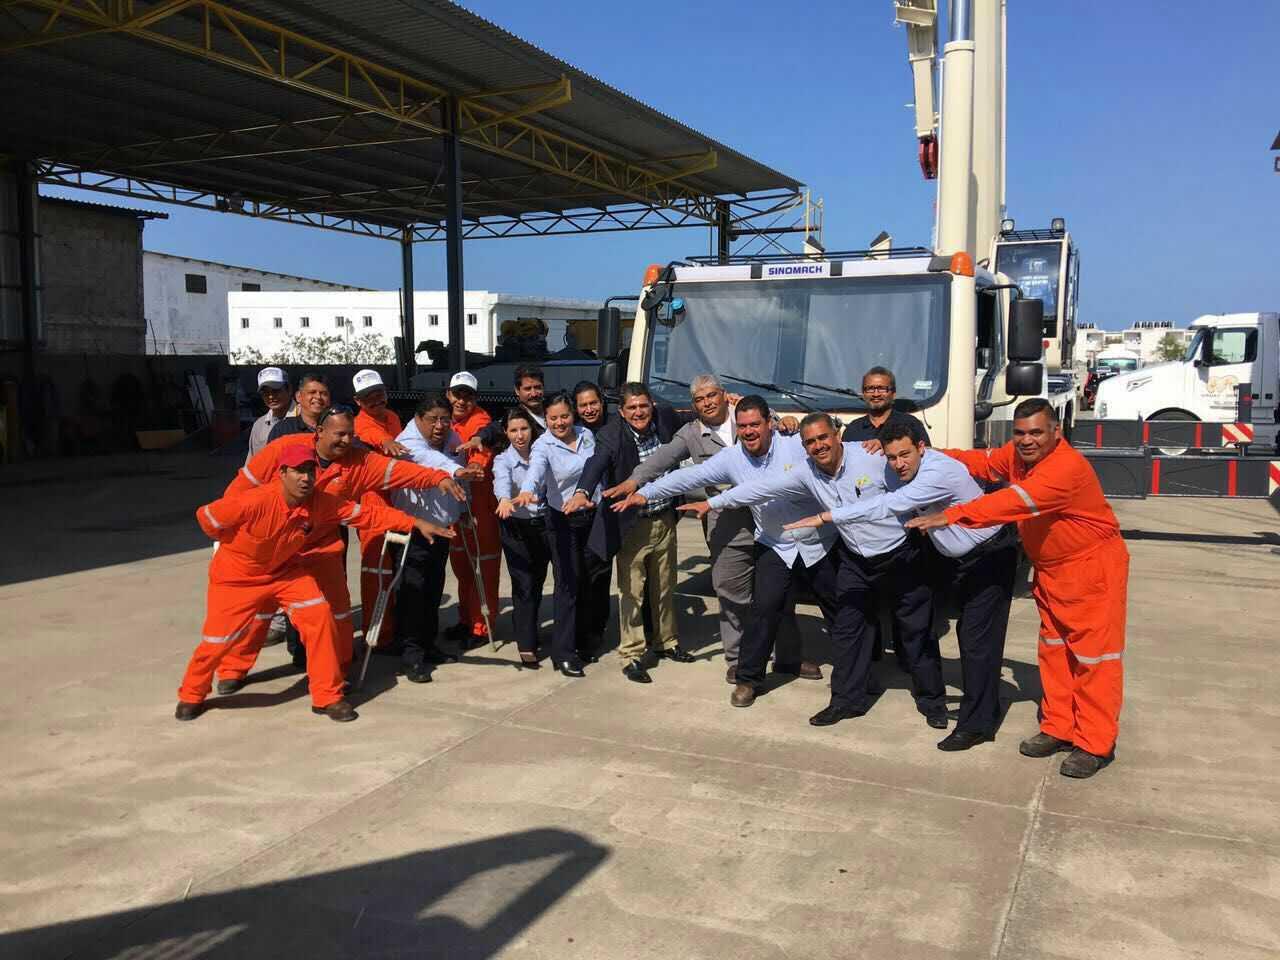 SINOMACH 起重机产品首次打入墨西哥市场